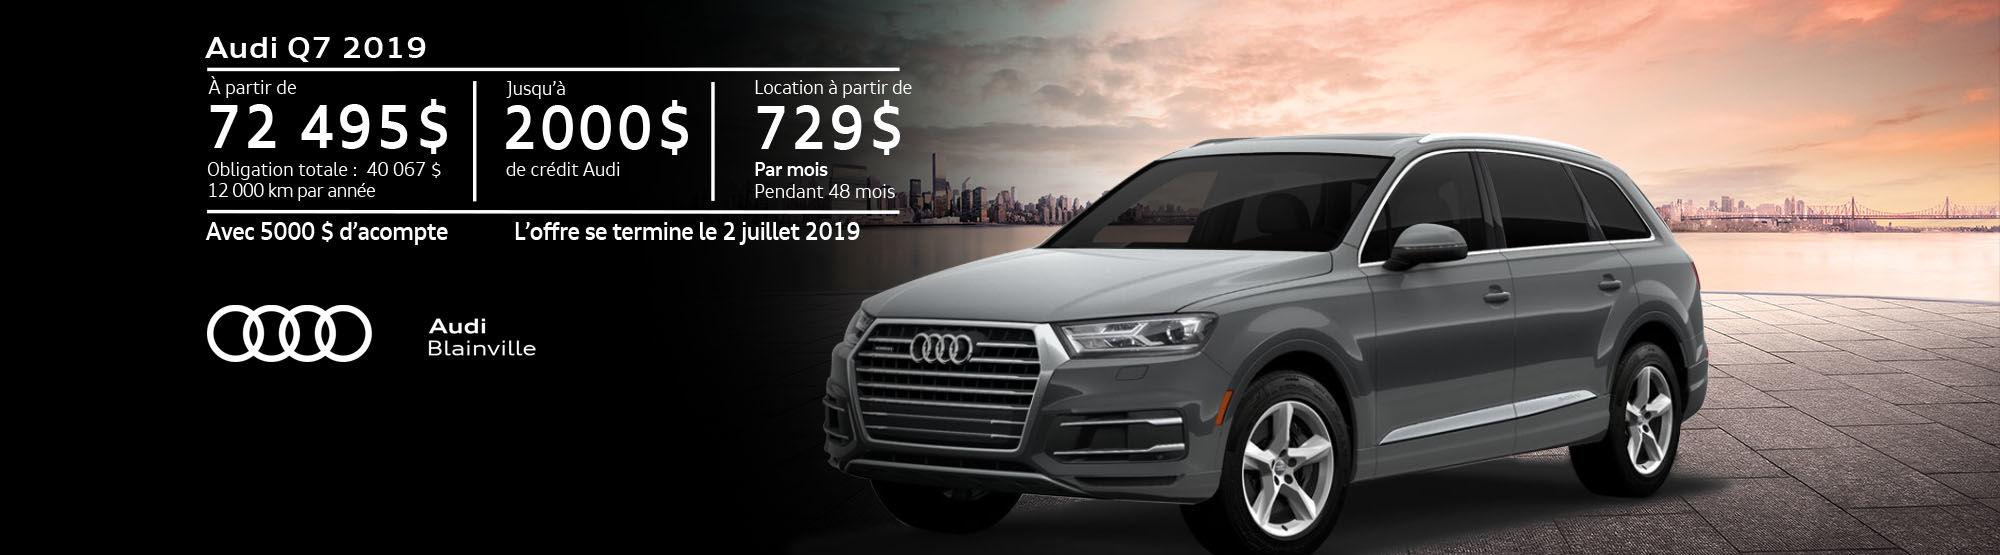 Audi Q7 juin 2019